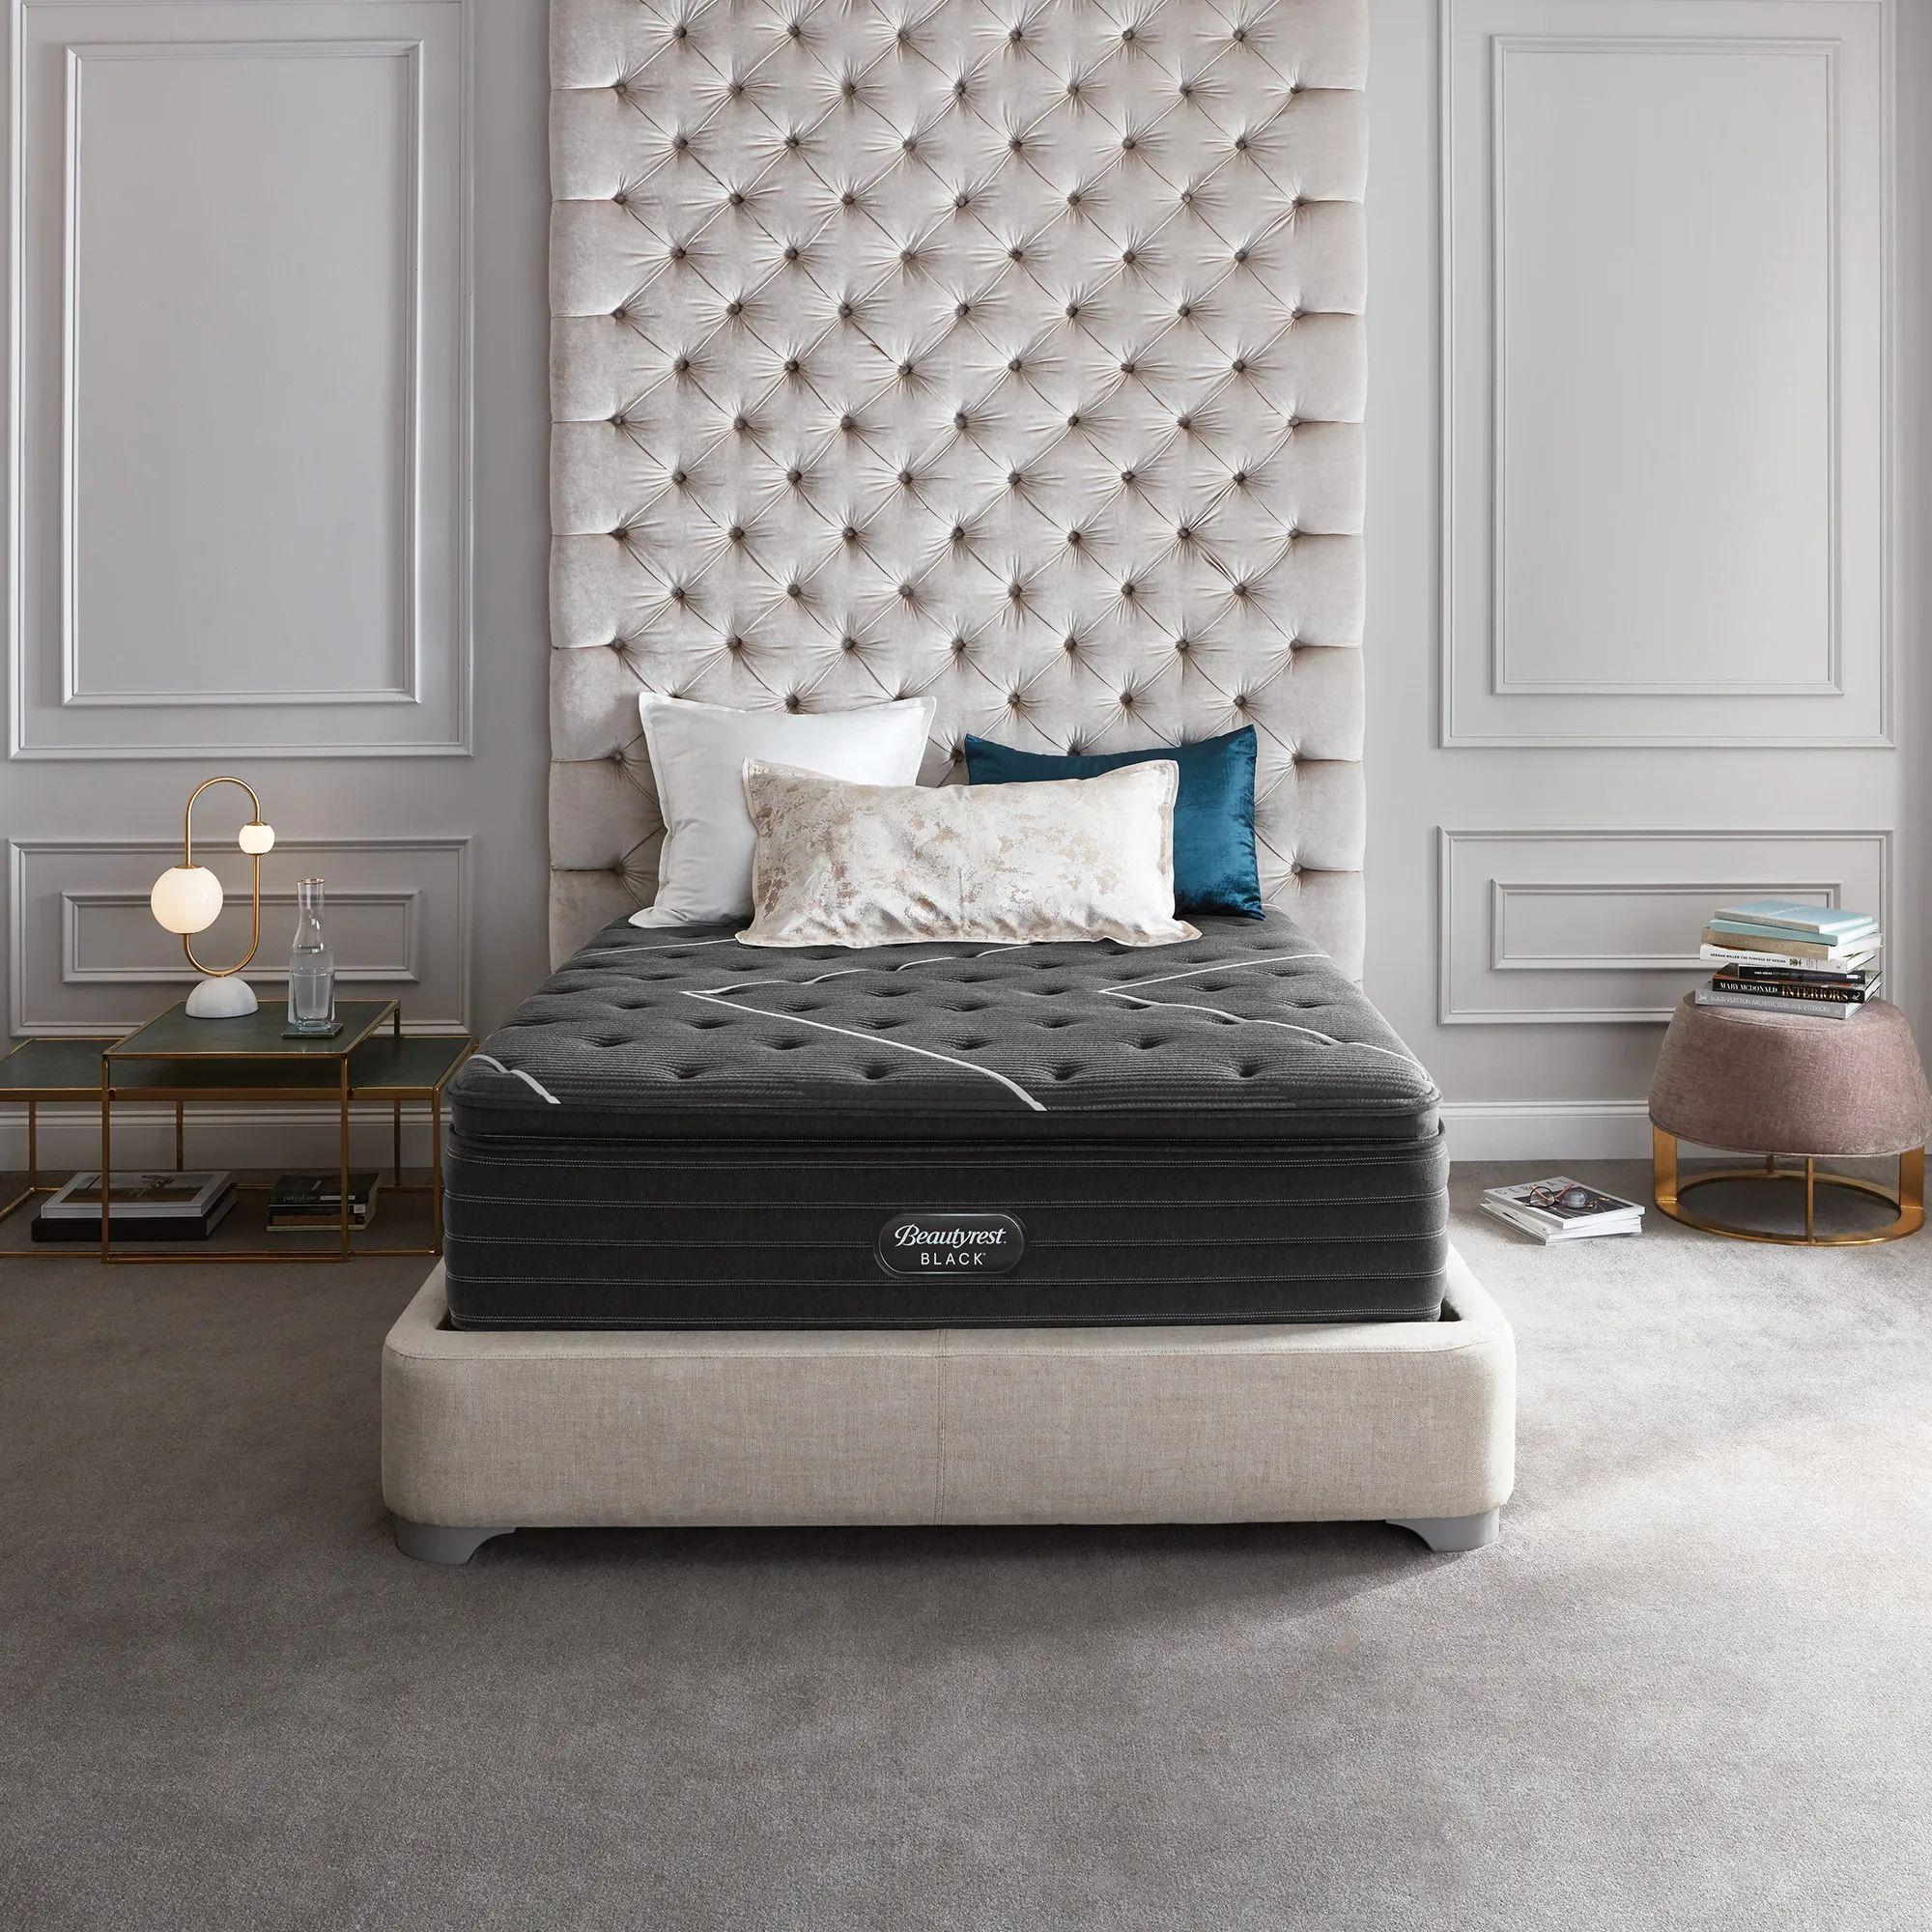 king simmons beautyrest black k class firm pillow top 17 5 inch mattress free 300 visa gift card